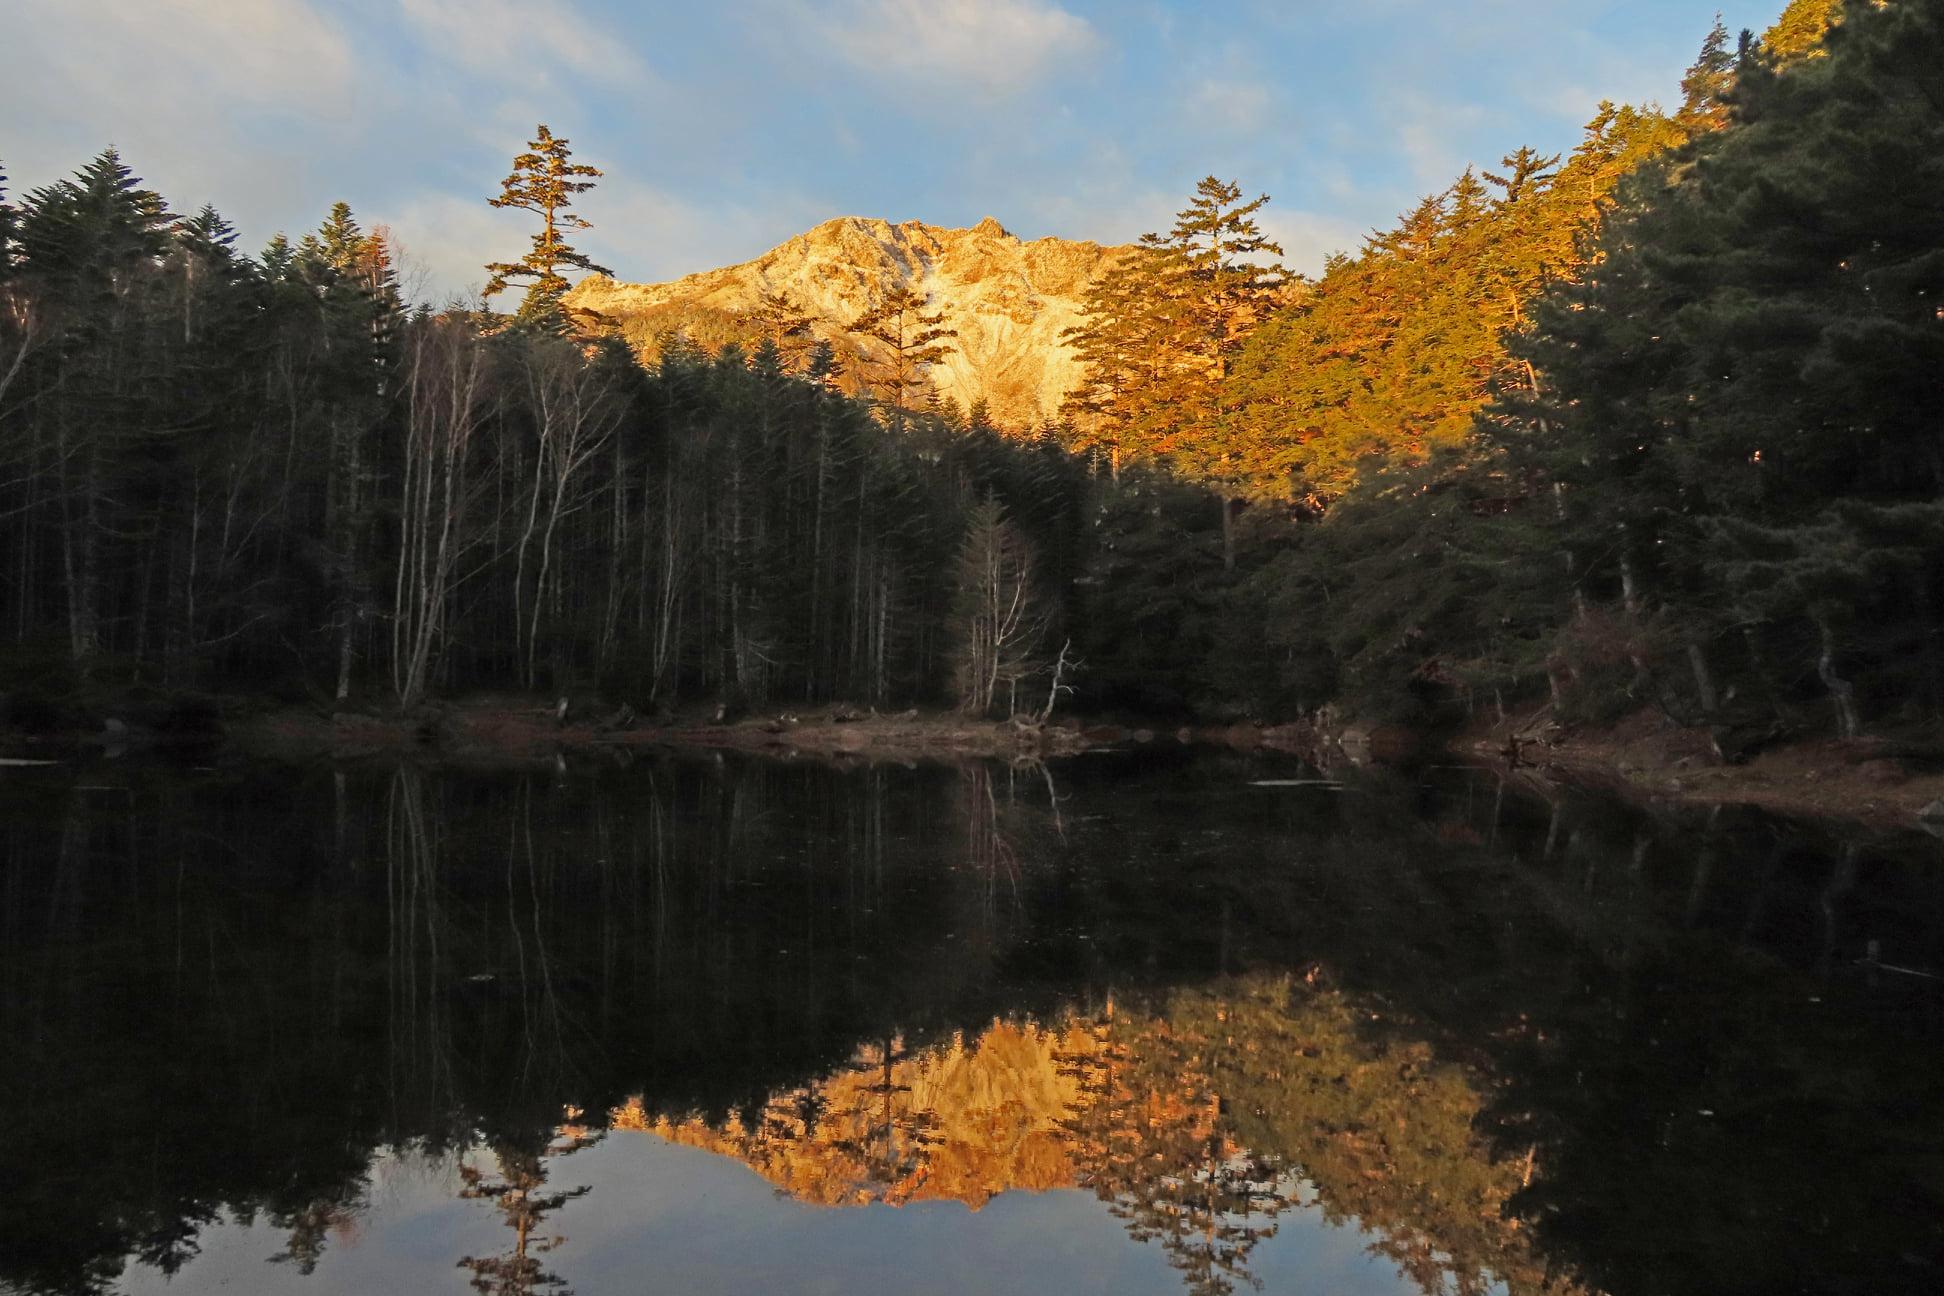 10月20-21日北八ヶ岳に行ってきました。